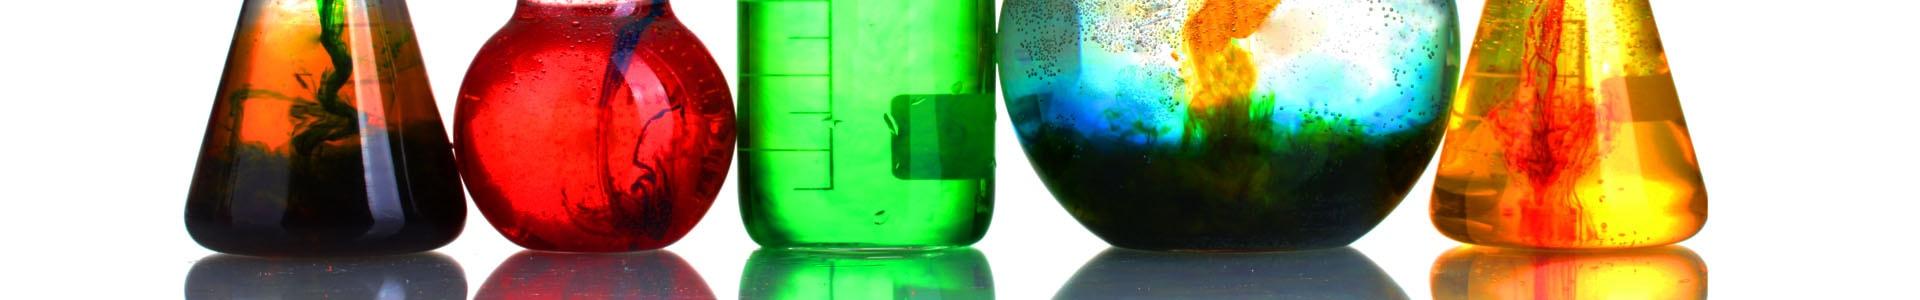 Diğer Kimyasallar